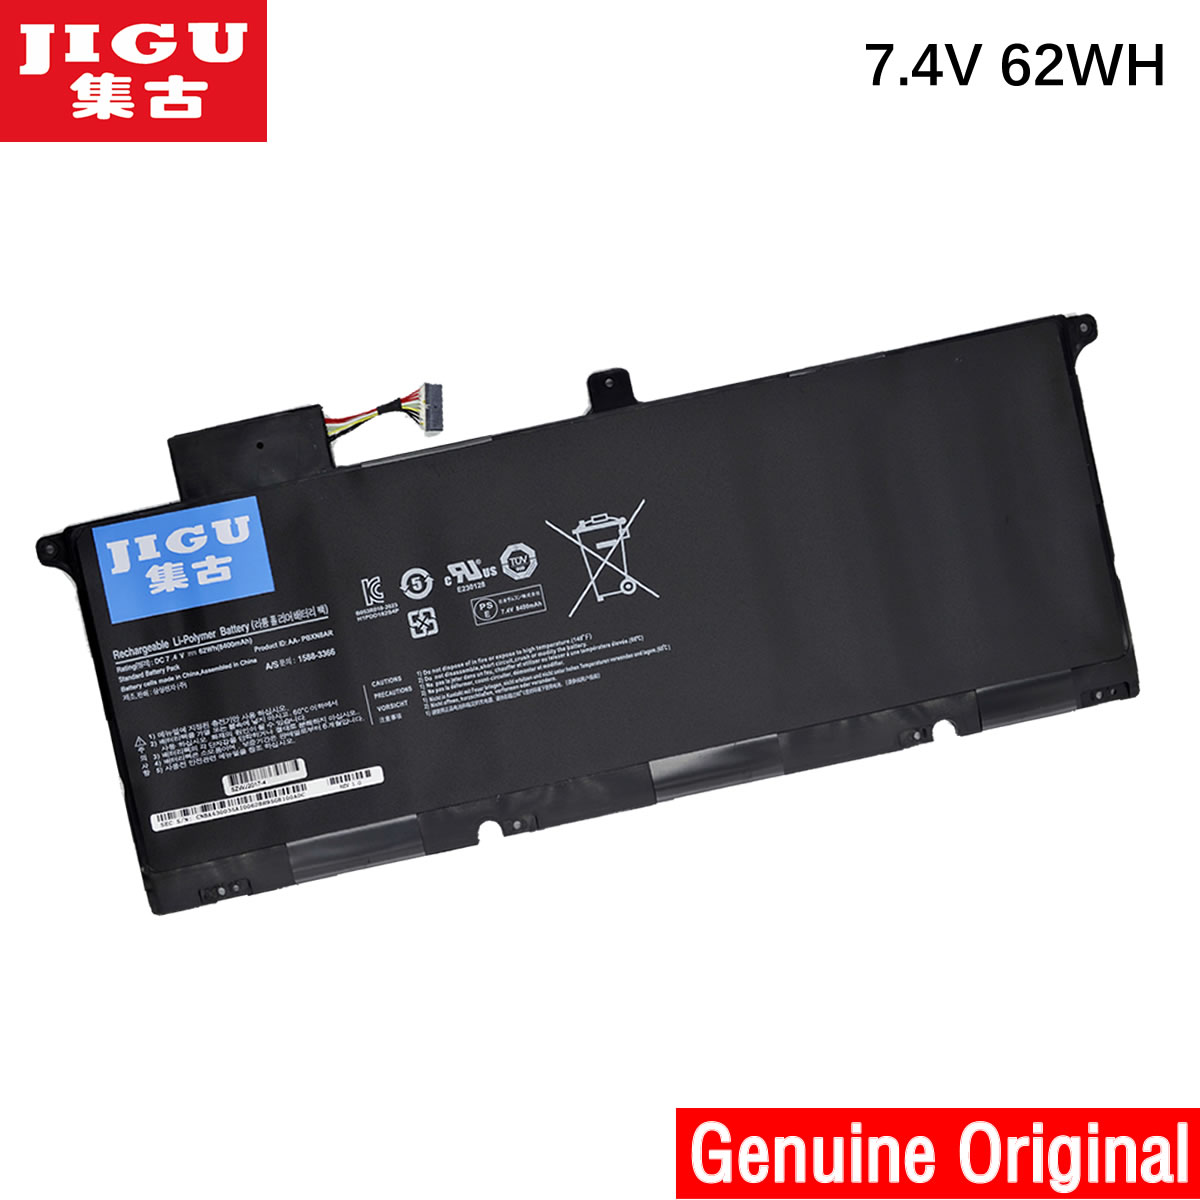 JIGU AA-PBXN8AR batterie de remplacement pour ordinateur portable Pour Samsung 900X4 900X46 900X4B-A01DE 900X4B-A01FR 900X4B-A03 900X4C-A01 NP900X4